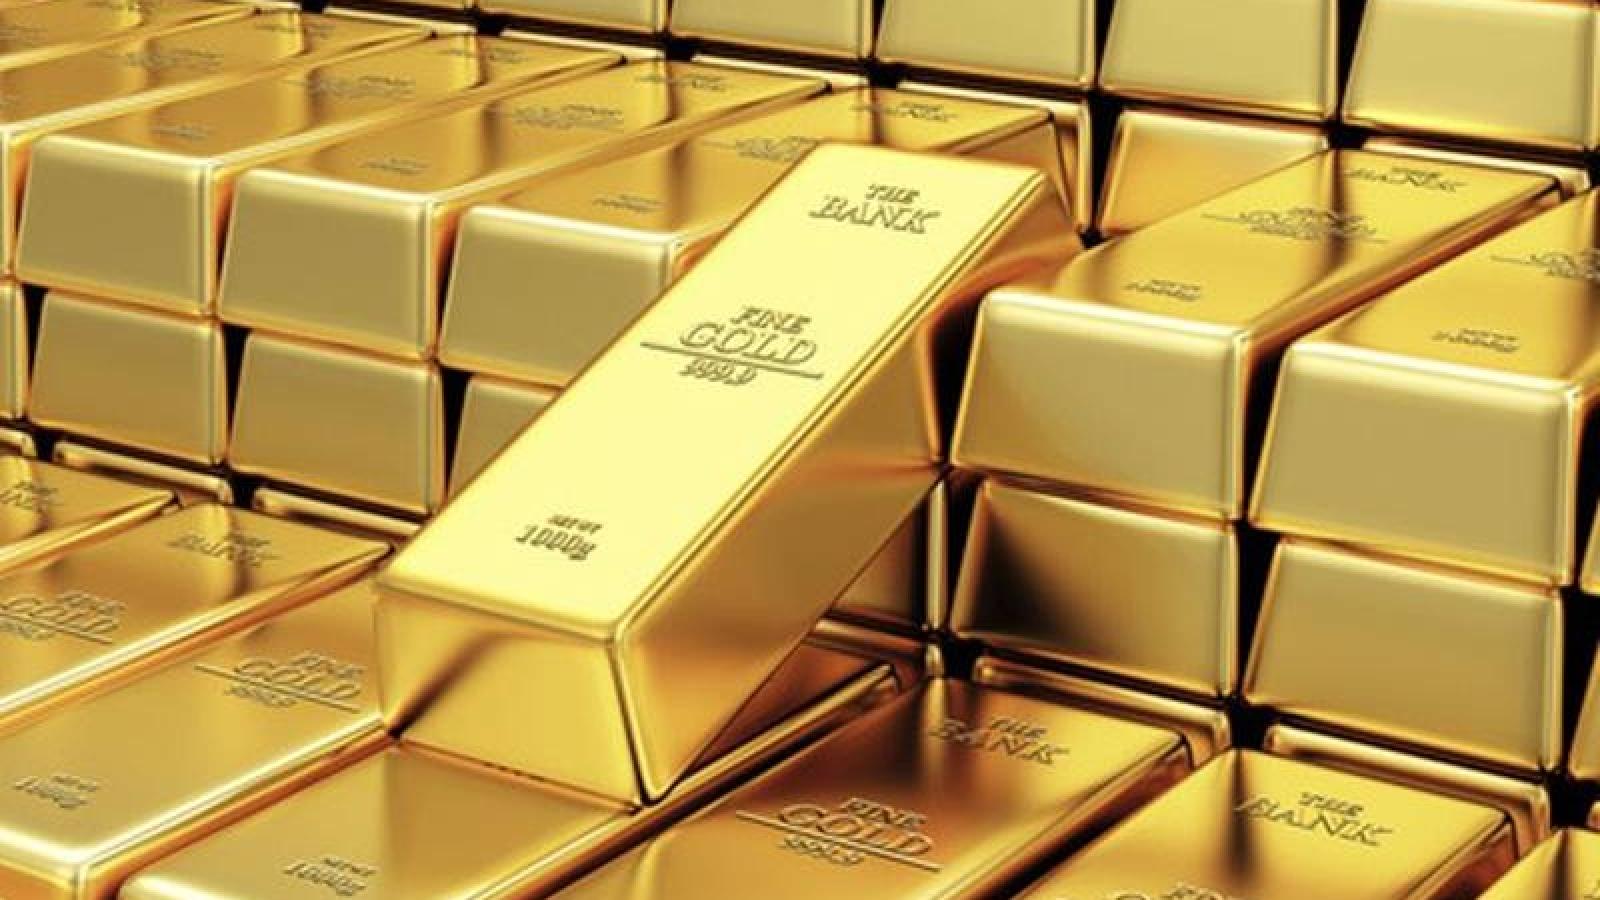 Giá vàng SJC tiếp tục tăng sau khi vượt ngưỡng 56 triệu đồng/lượng